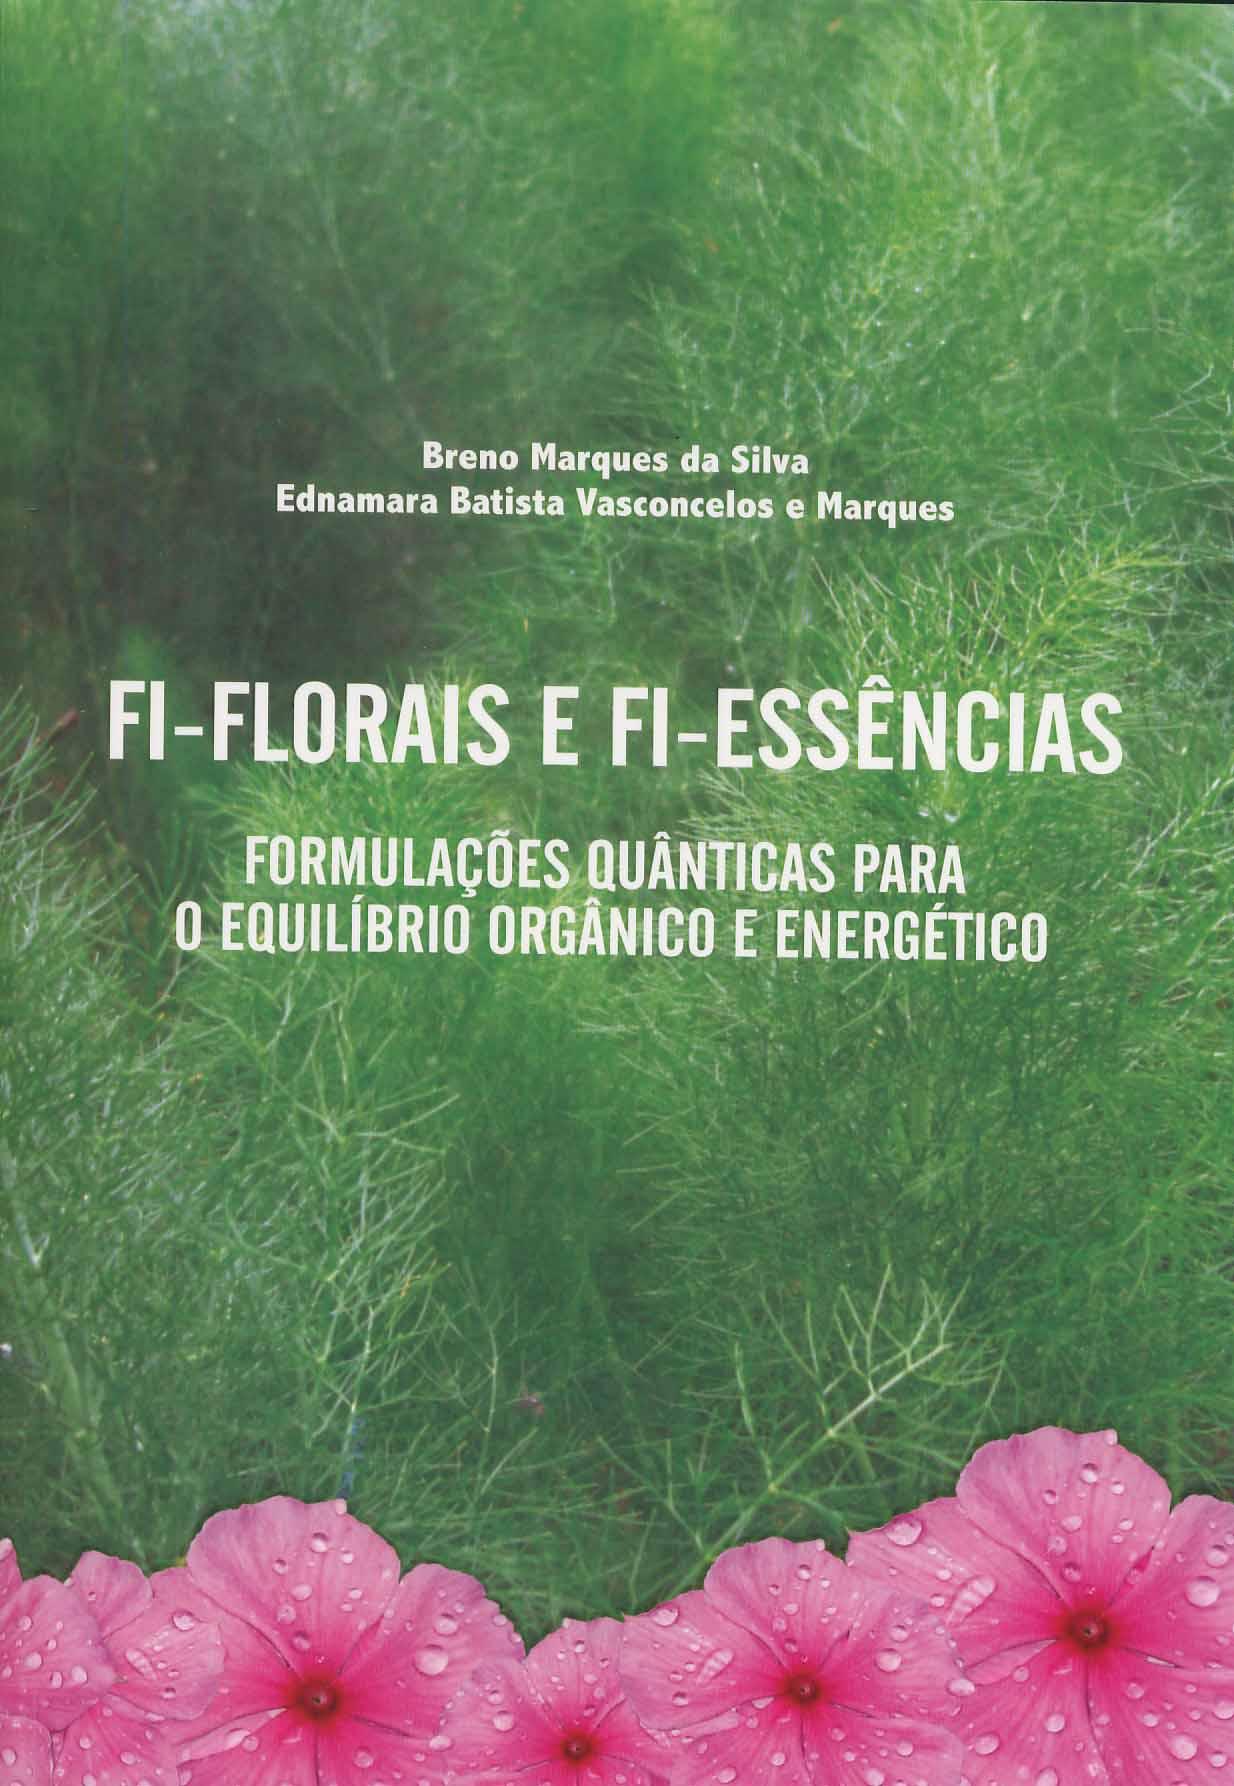 Livro Fi-Florais e Fi-Essências - Formulações Quânticas para o Equilíbrio Orgânico e Energético  - Floressência